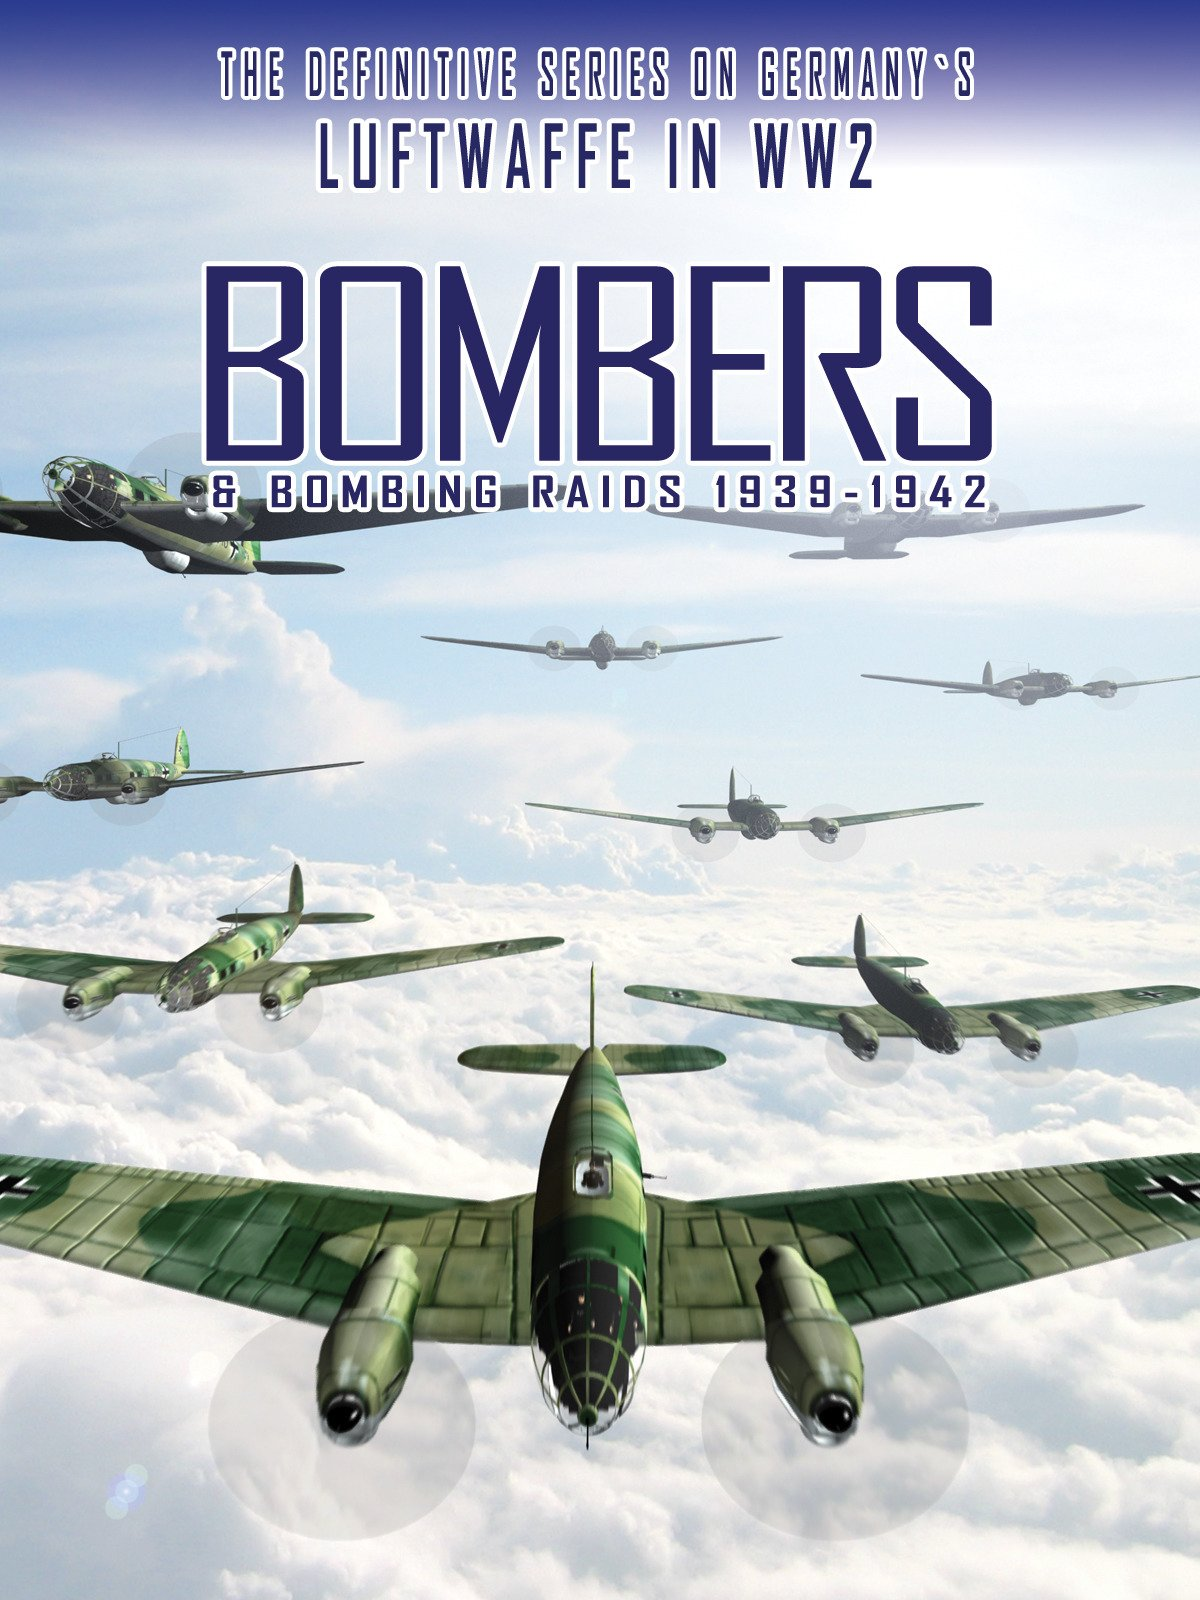 Bombers & Bombing Raids: 1939-1942 on Amazon Prime Video UK